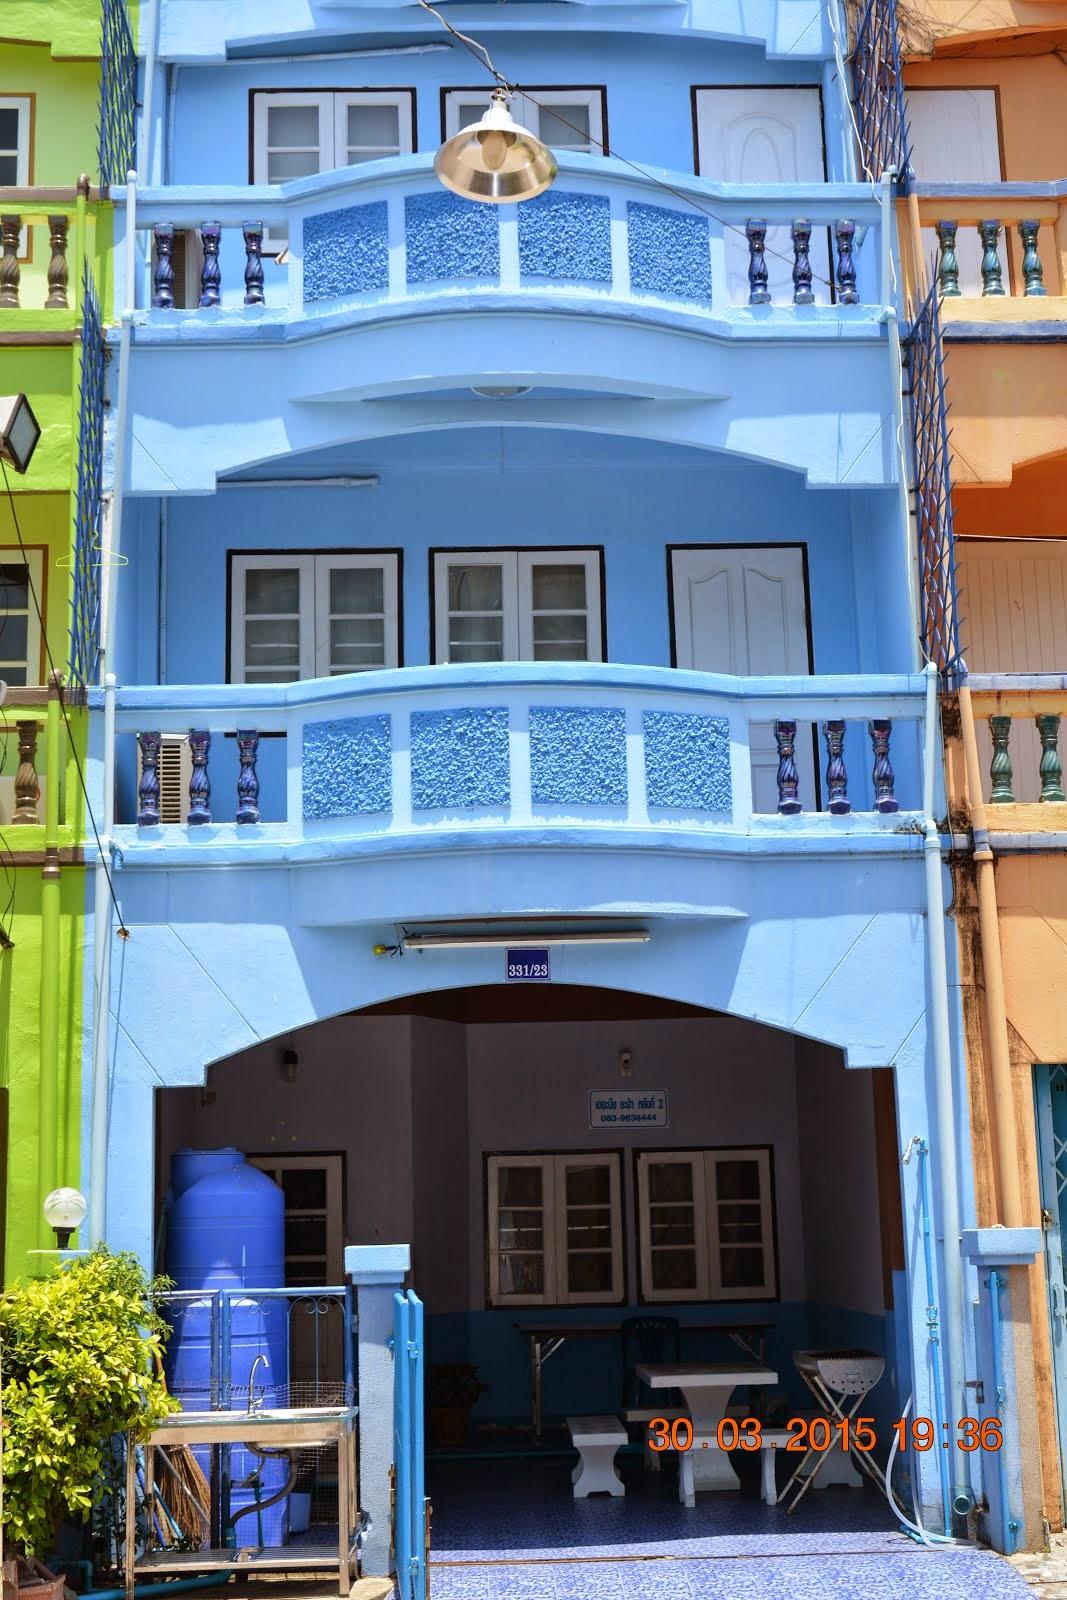 บ้านพักเดอะบีช ะอำ ราคาถูก  5,000 บาท หมู่คณะ 25 ท่านหลัง